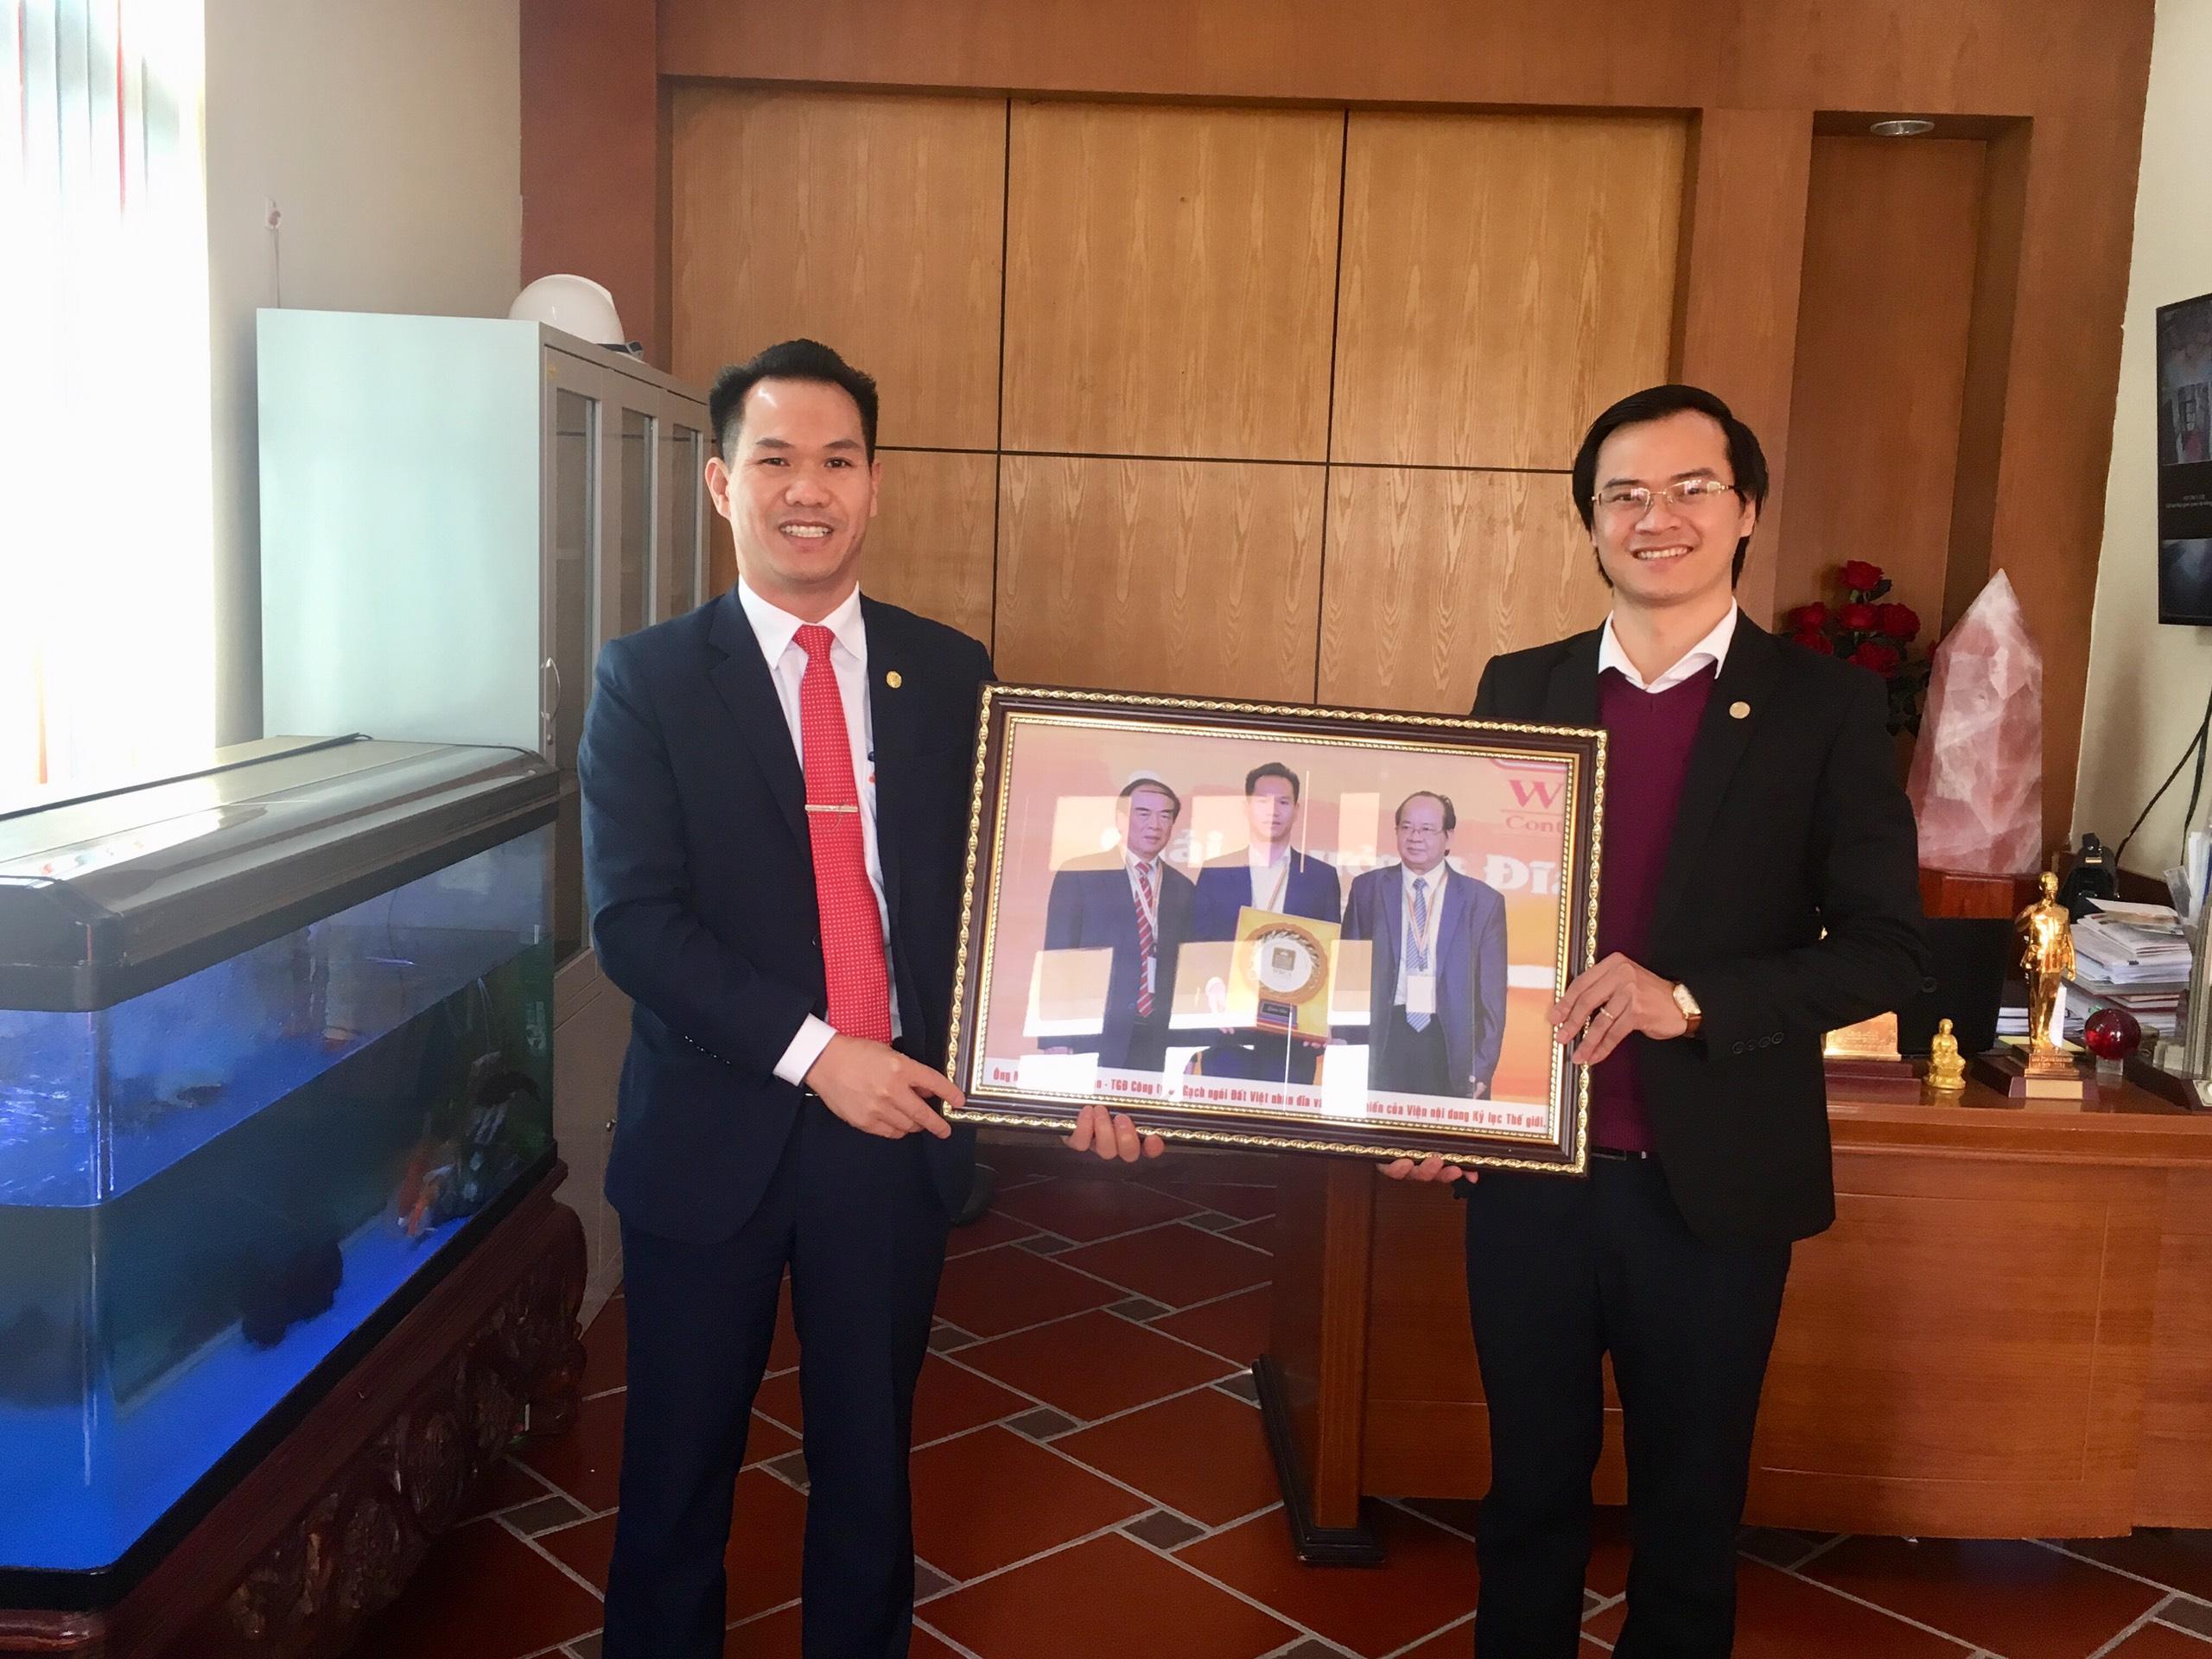 Ông Hoàng Thái Tuấn Anh, Tổng thư ký Tổ chức Kỷ lục Đông Dương, Trưởng đại diện Văn phòng Kỷ lục Miền Bắc tham dự sự kiện và tặng quà tới ông Nguyễn Quang Toàn, TGĐ Công ty CP Gạch ngói Đất Việt.